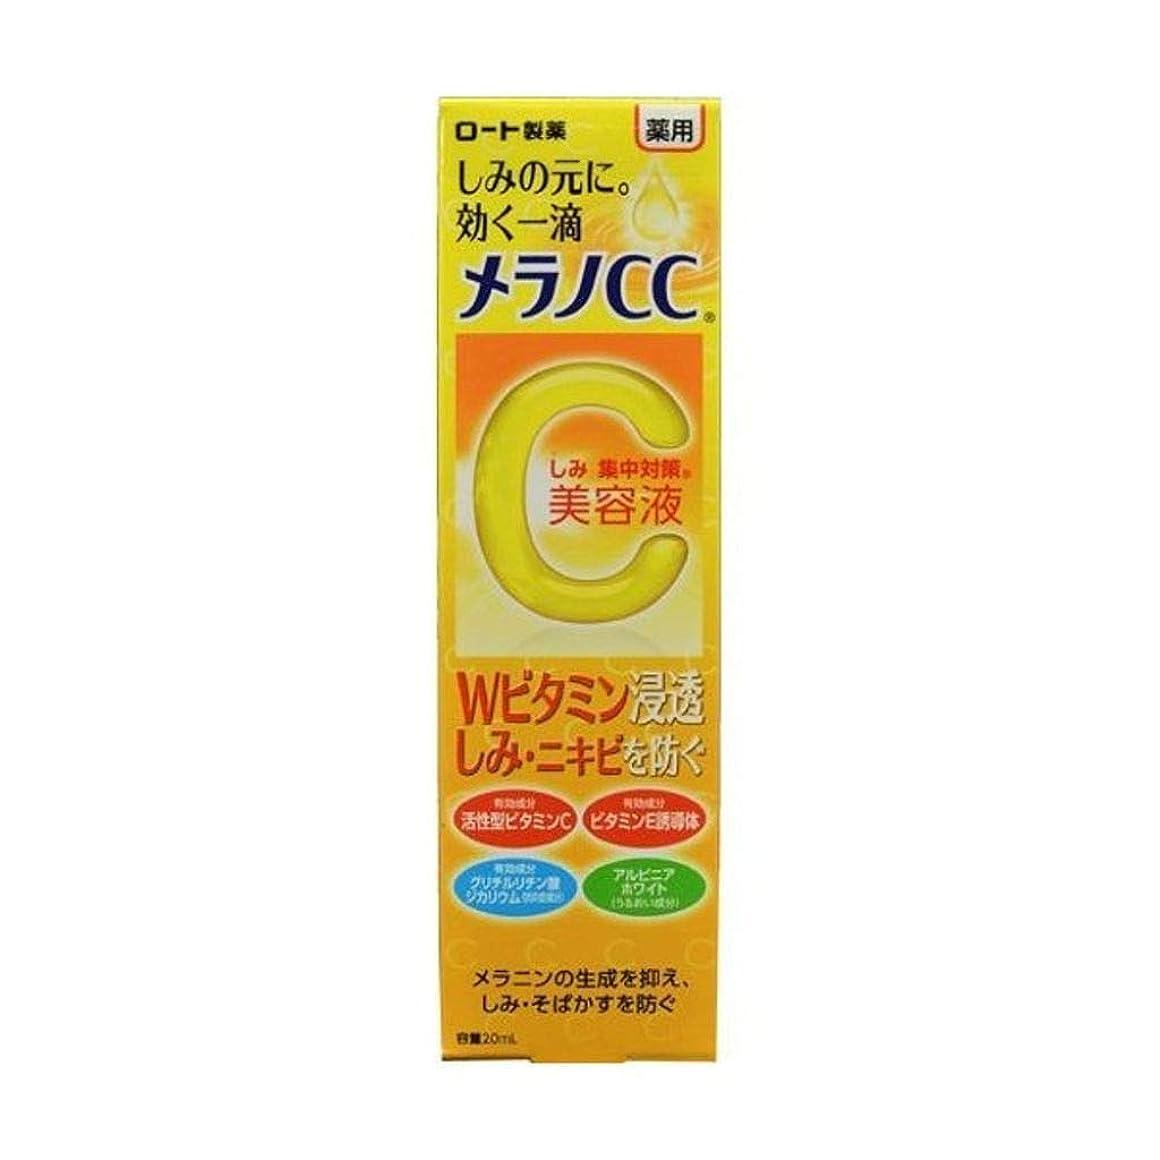 <お得な7本パック>メラノCC 薬用しみ集中対策美容液 20ml入り×7本